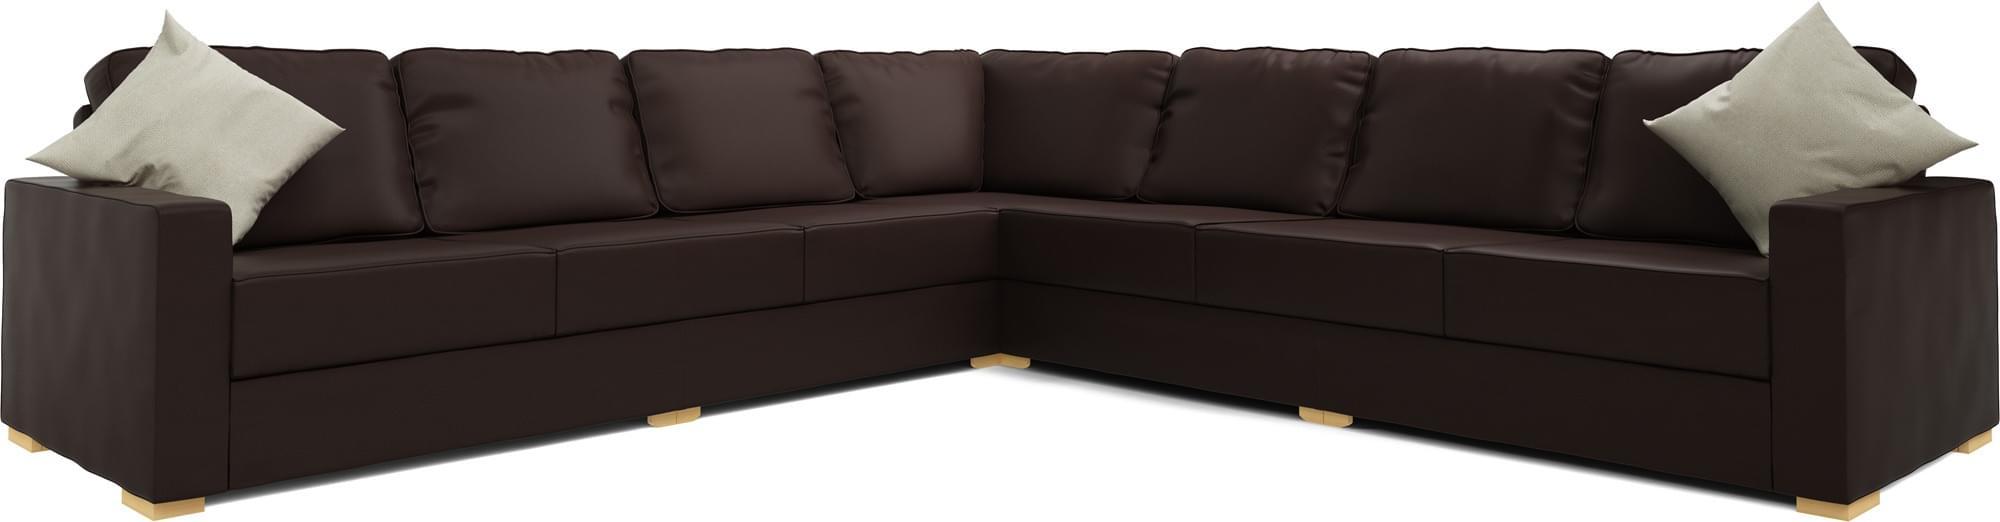 Alda 4X4 Corner Sofa